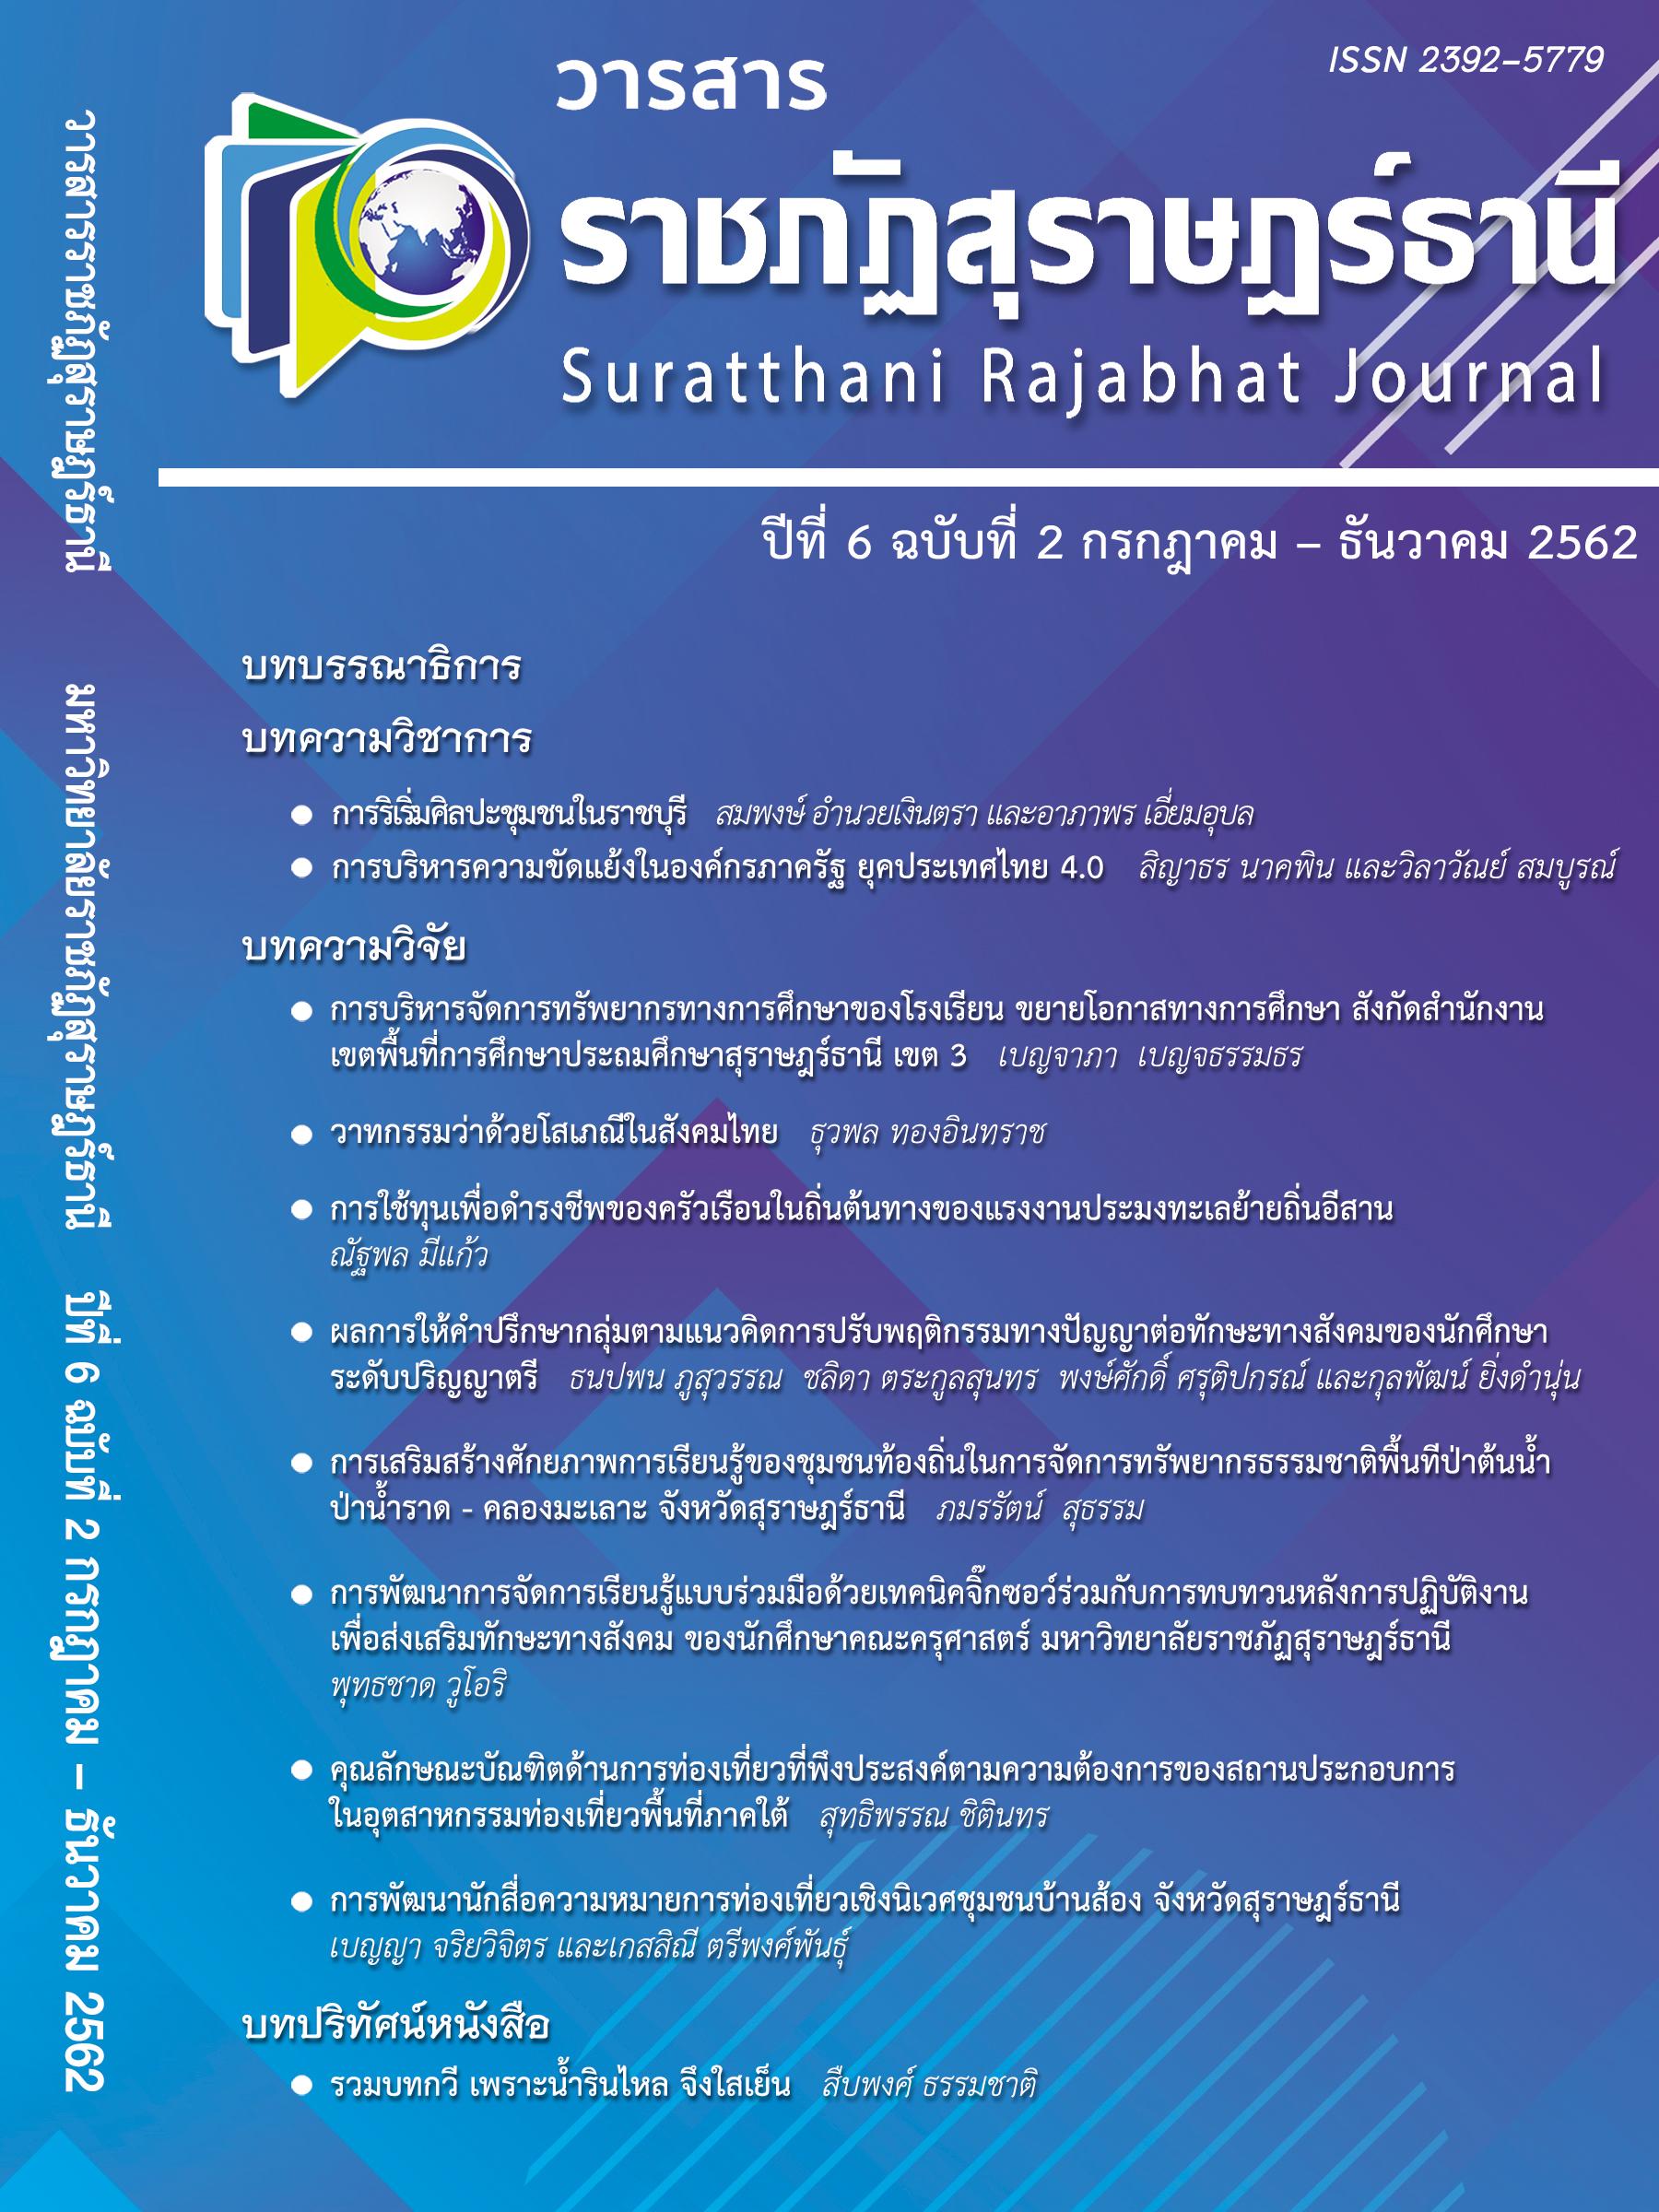 วารสารราชภัฏสุราษฎร์ธานีปีที่ 6 ฉบับที่ 2